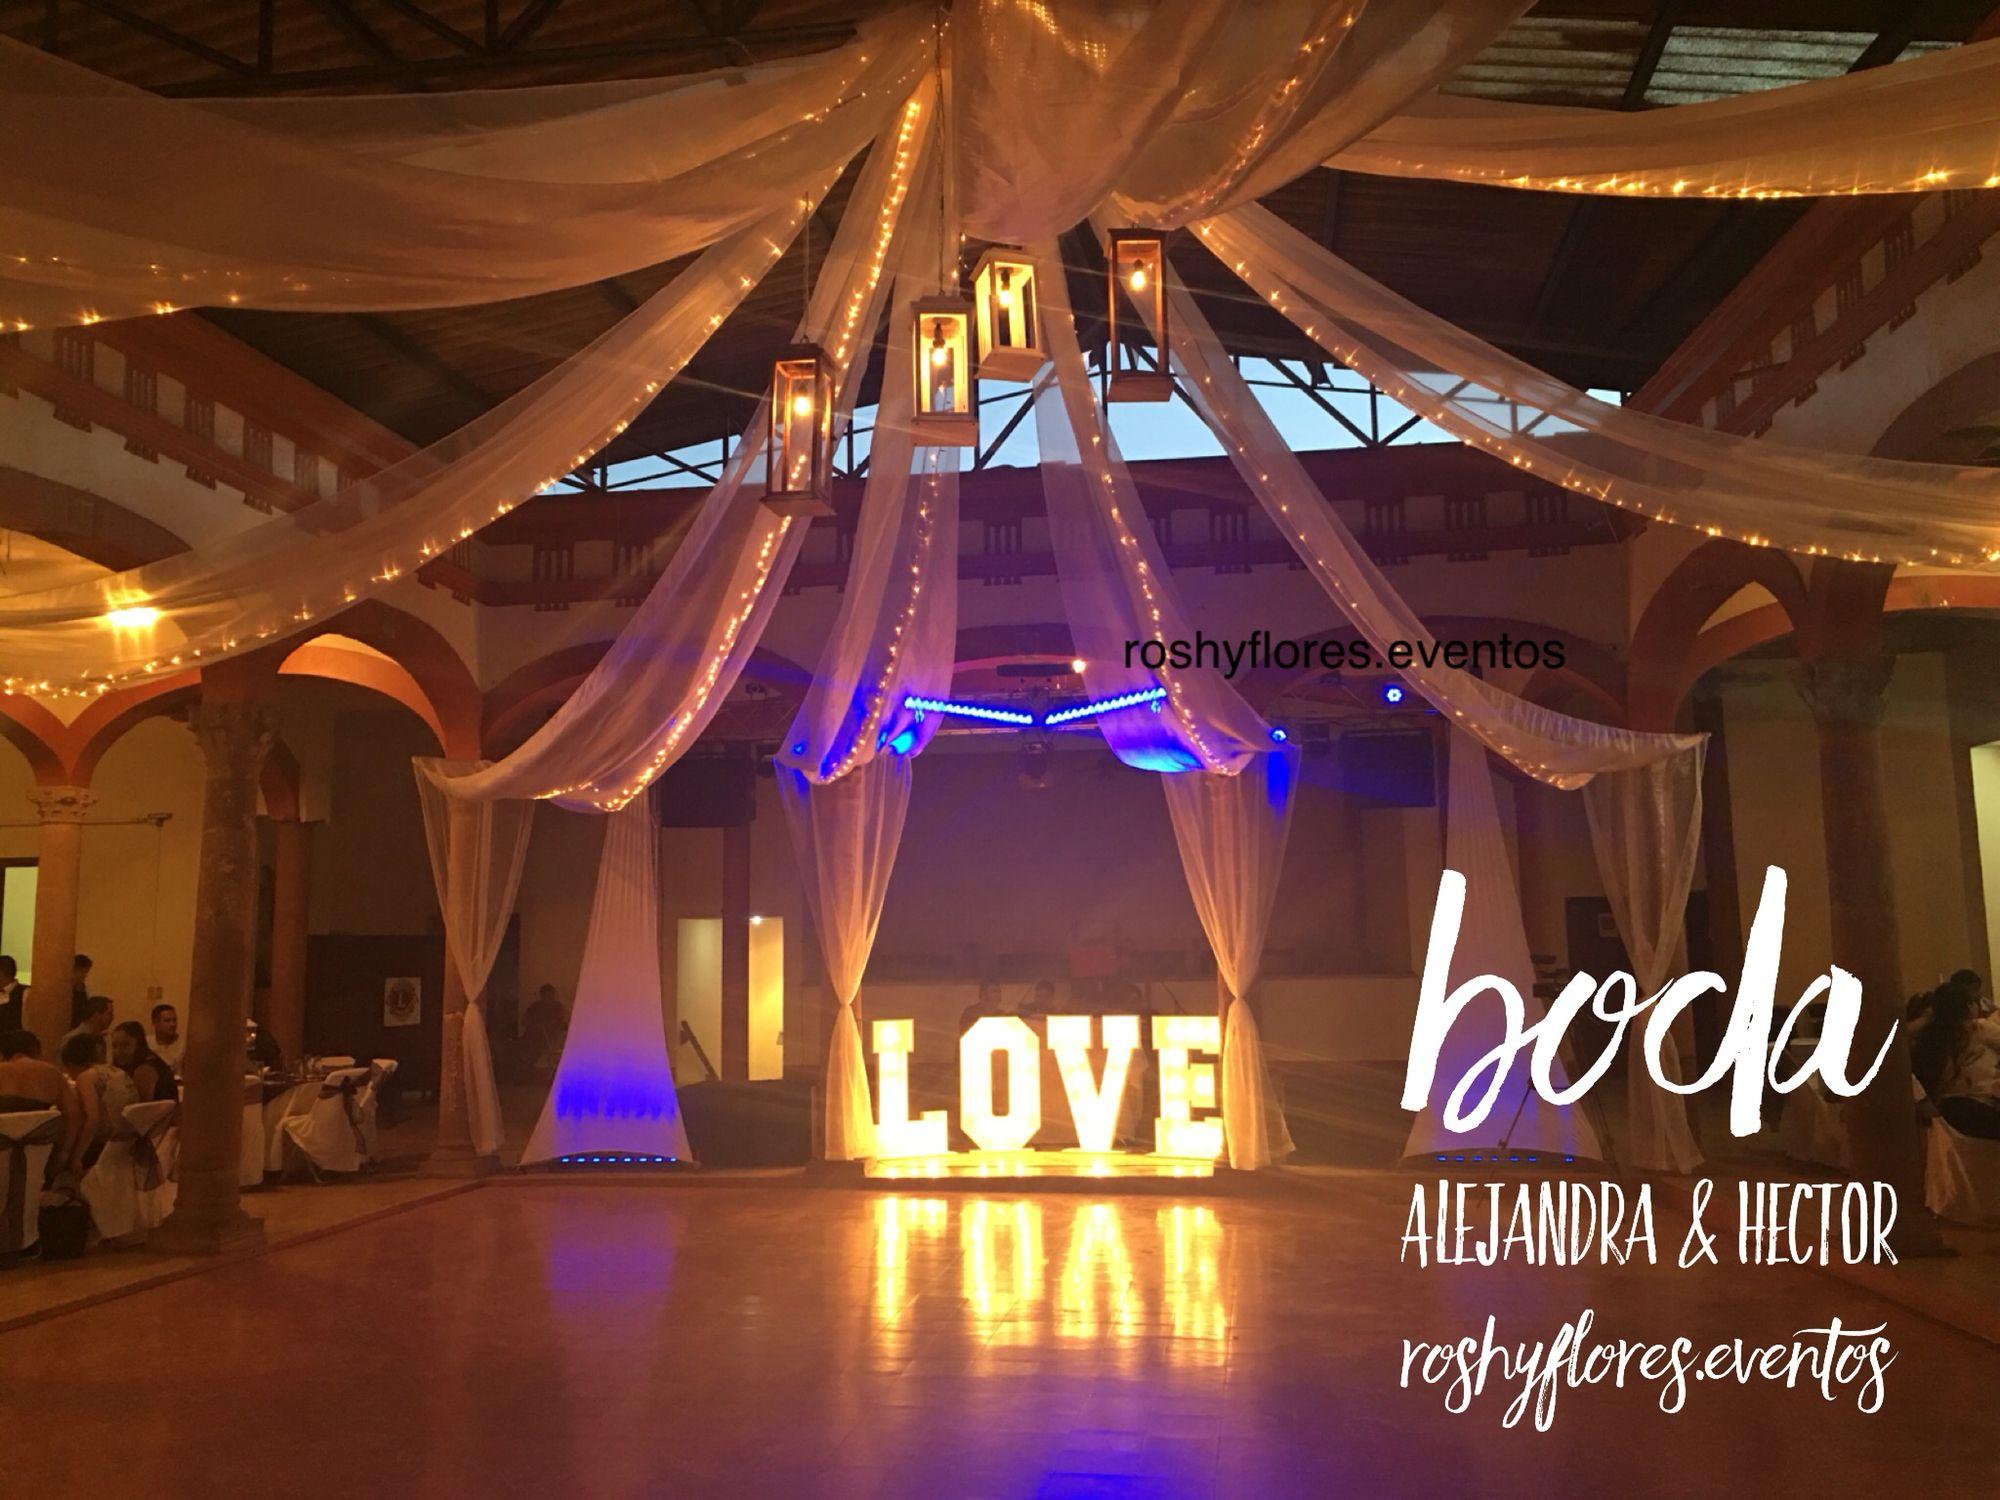 Boda A&H #wedding #decorations #roshyflores.eventos